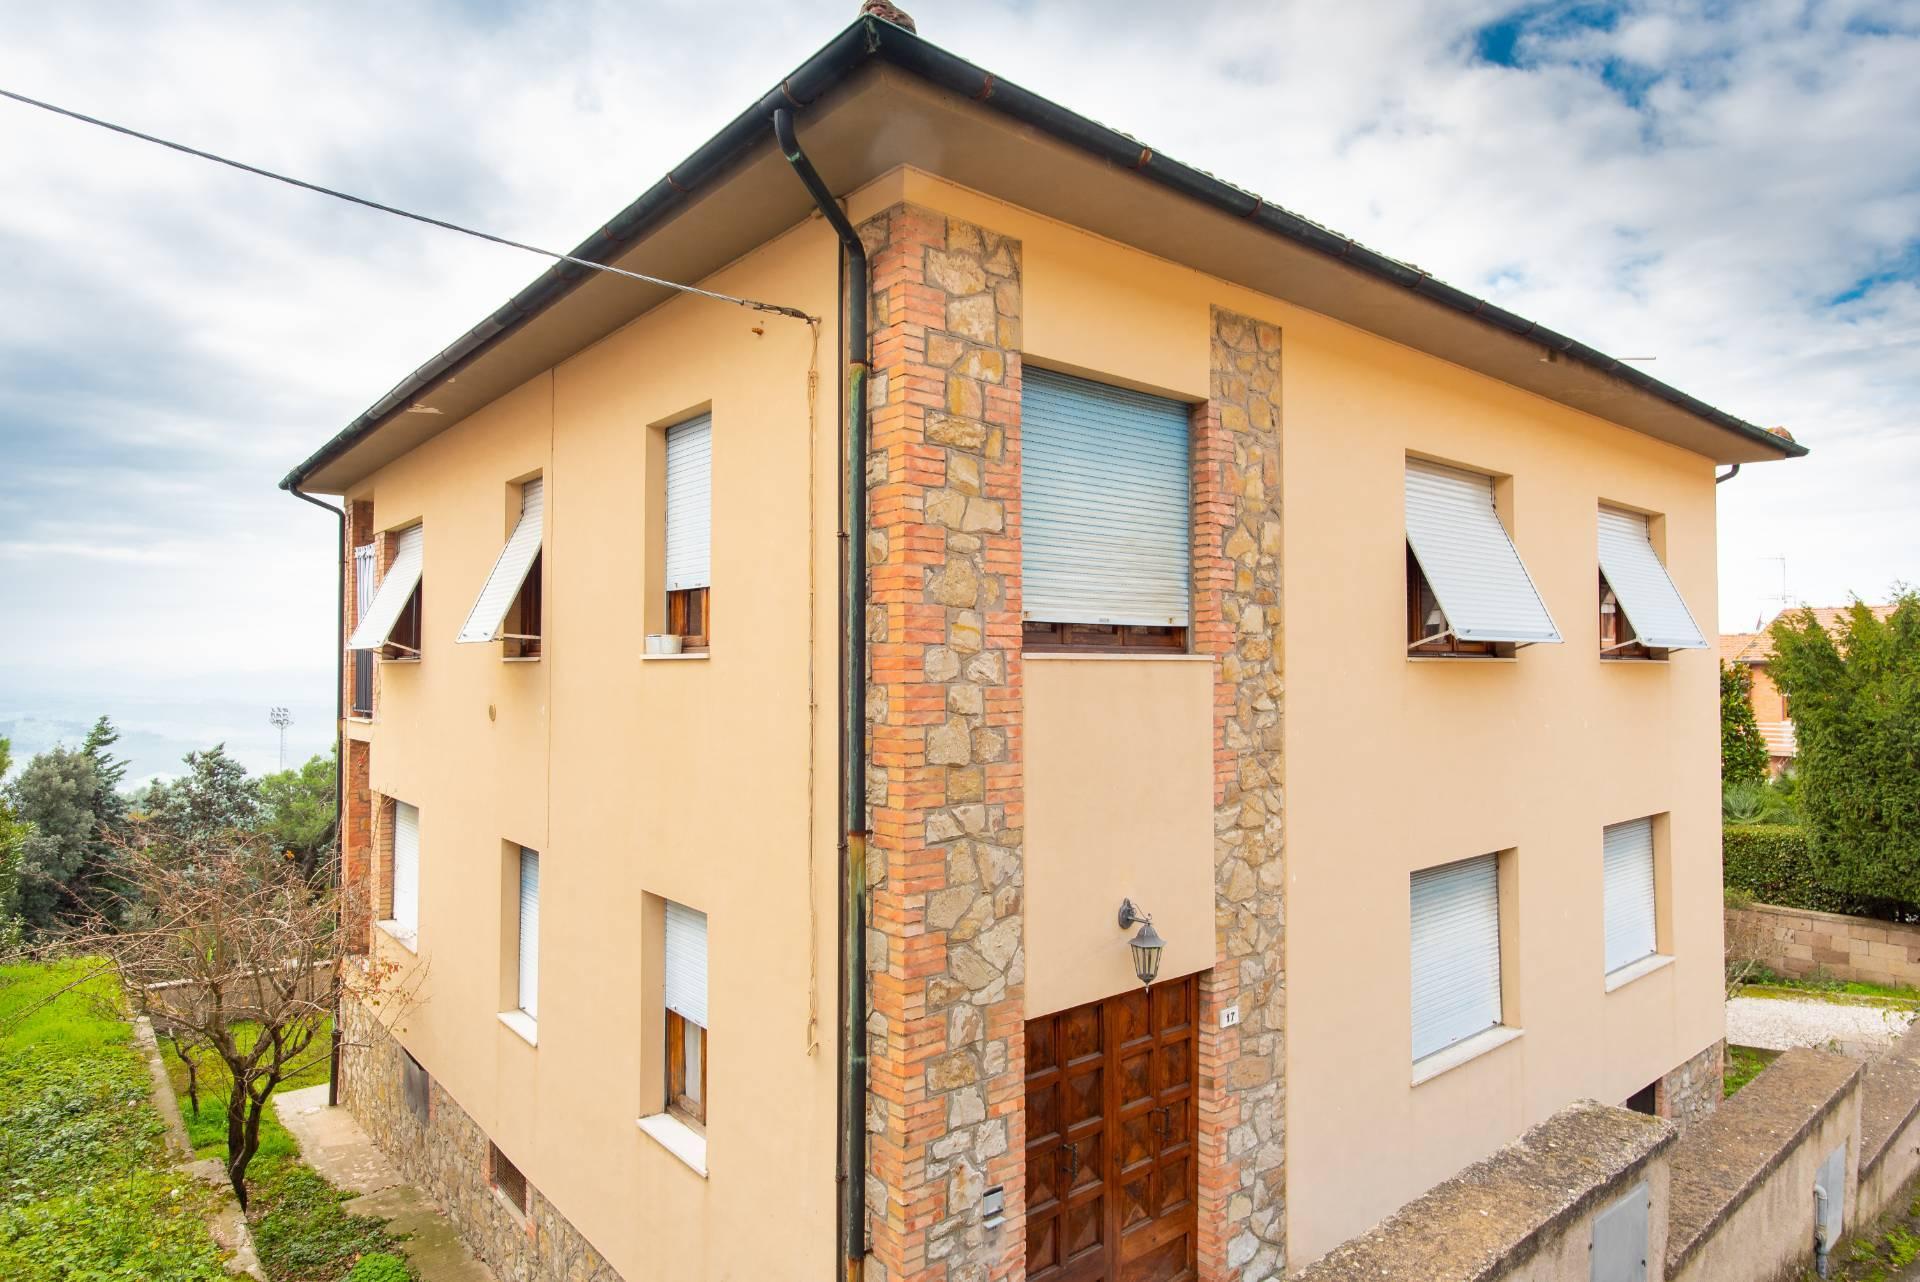 Villa Bifamiliare in Vendita a Volterra